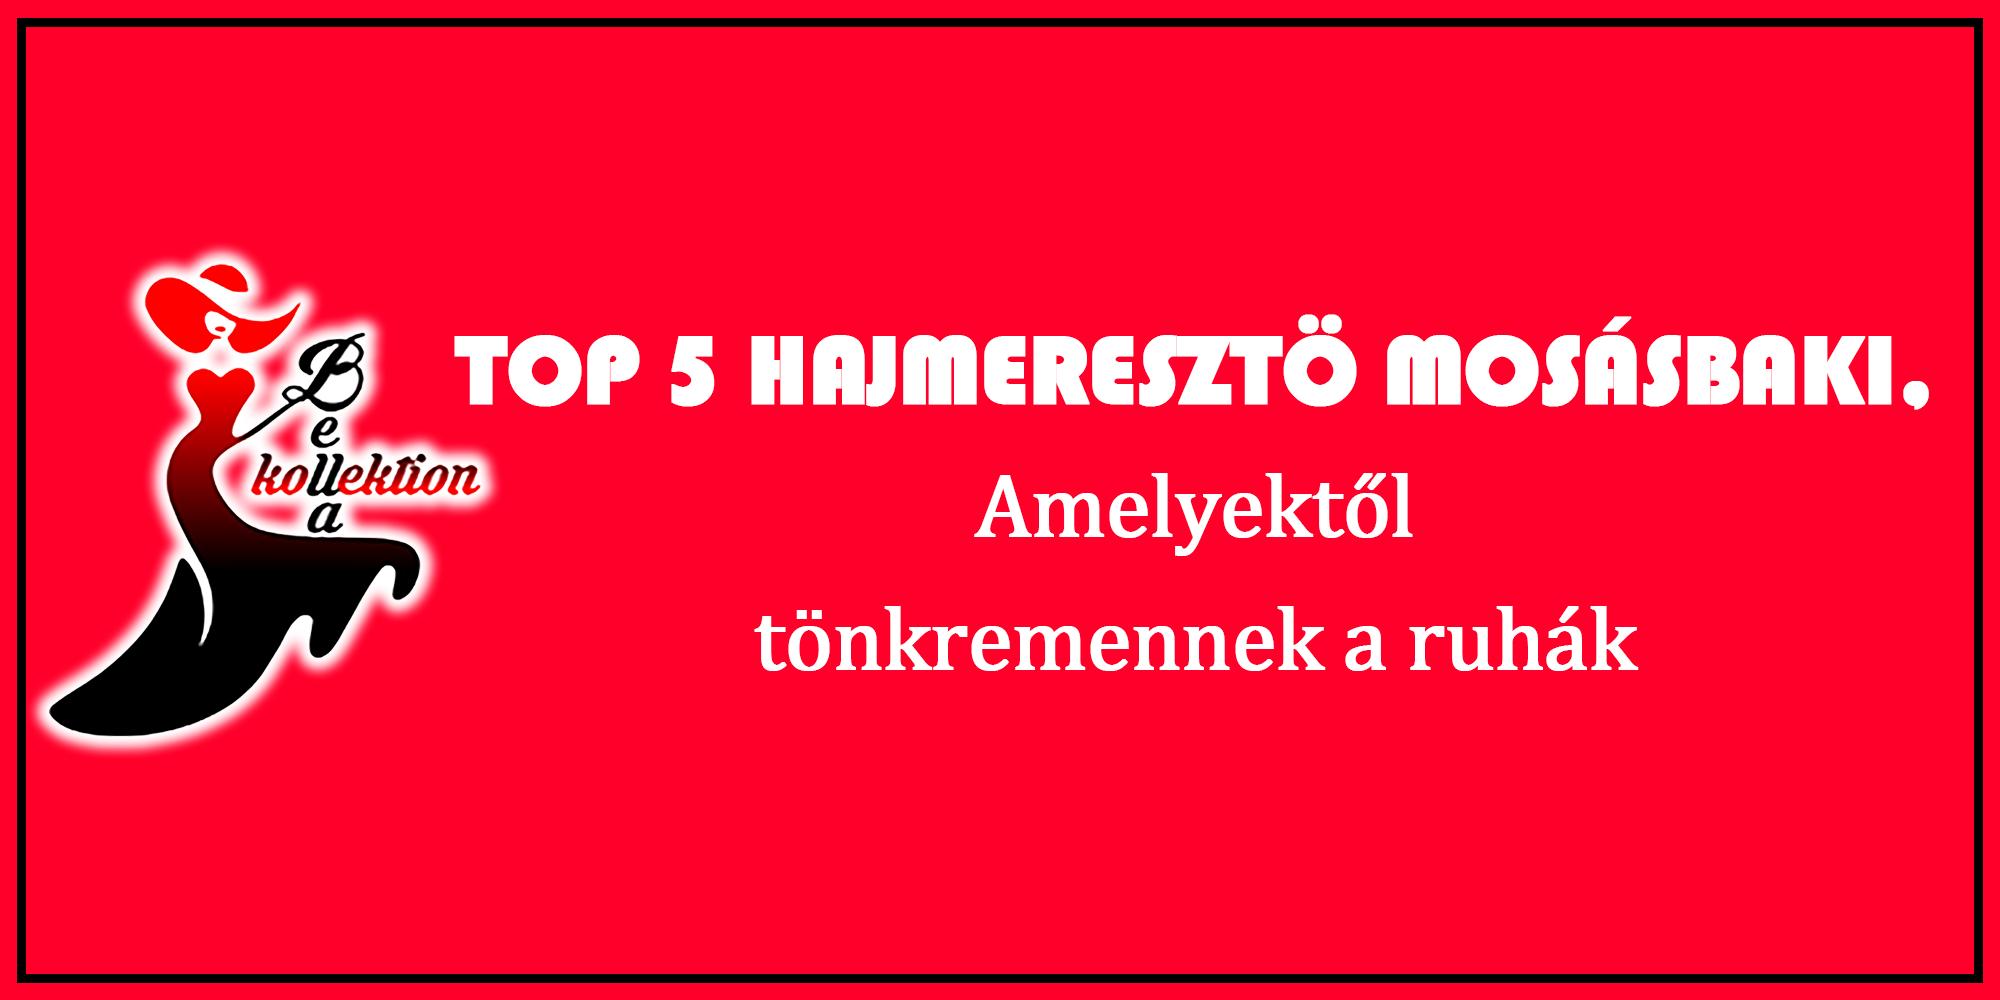 Top 5 hajmeresztő mosásbaki, amelyektől tönkremennek a ruhák